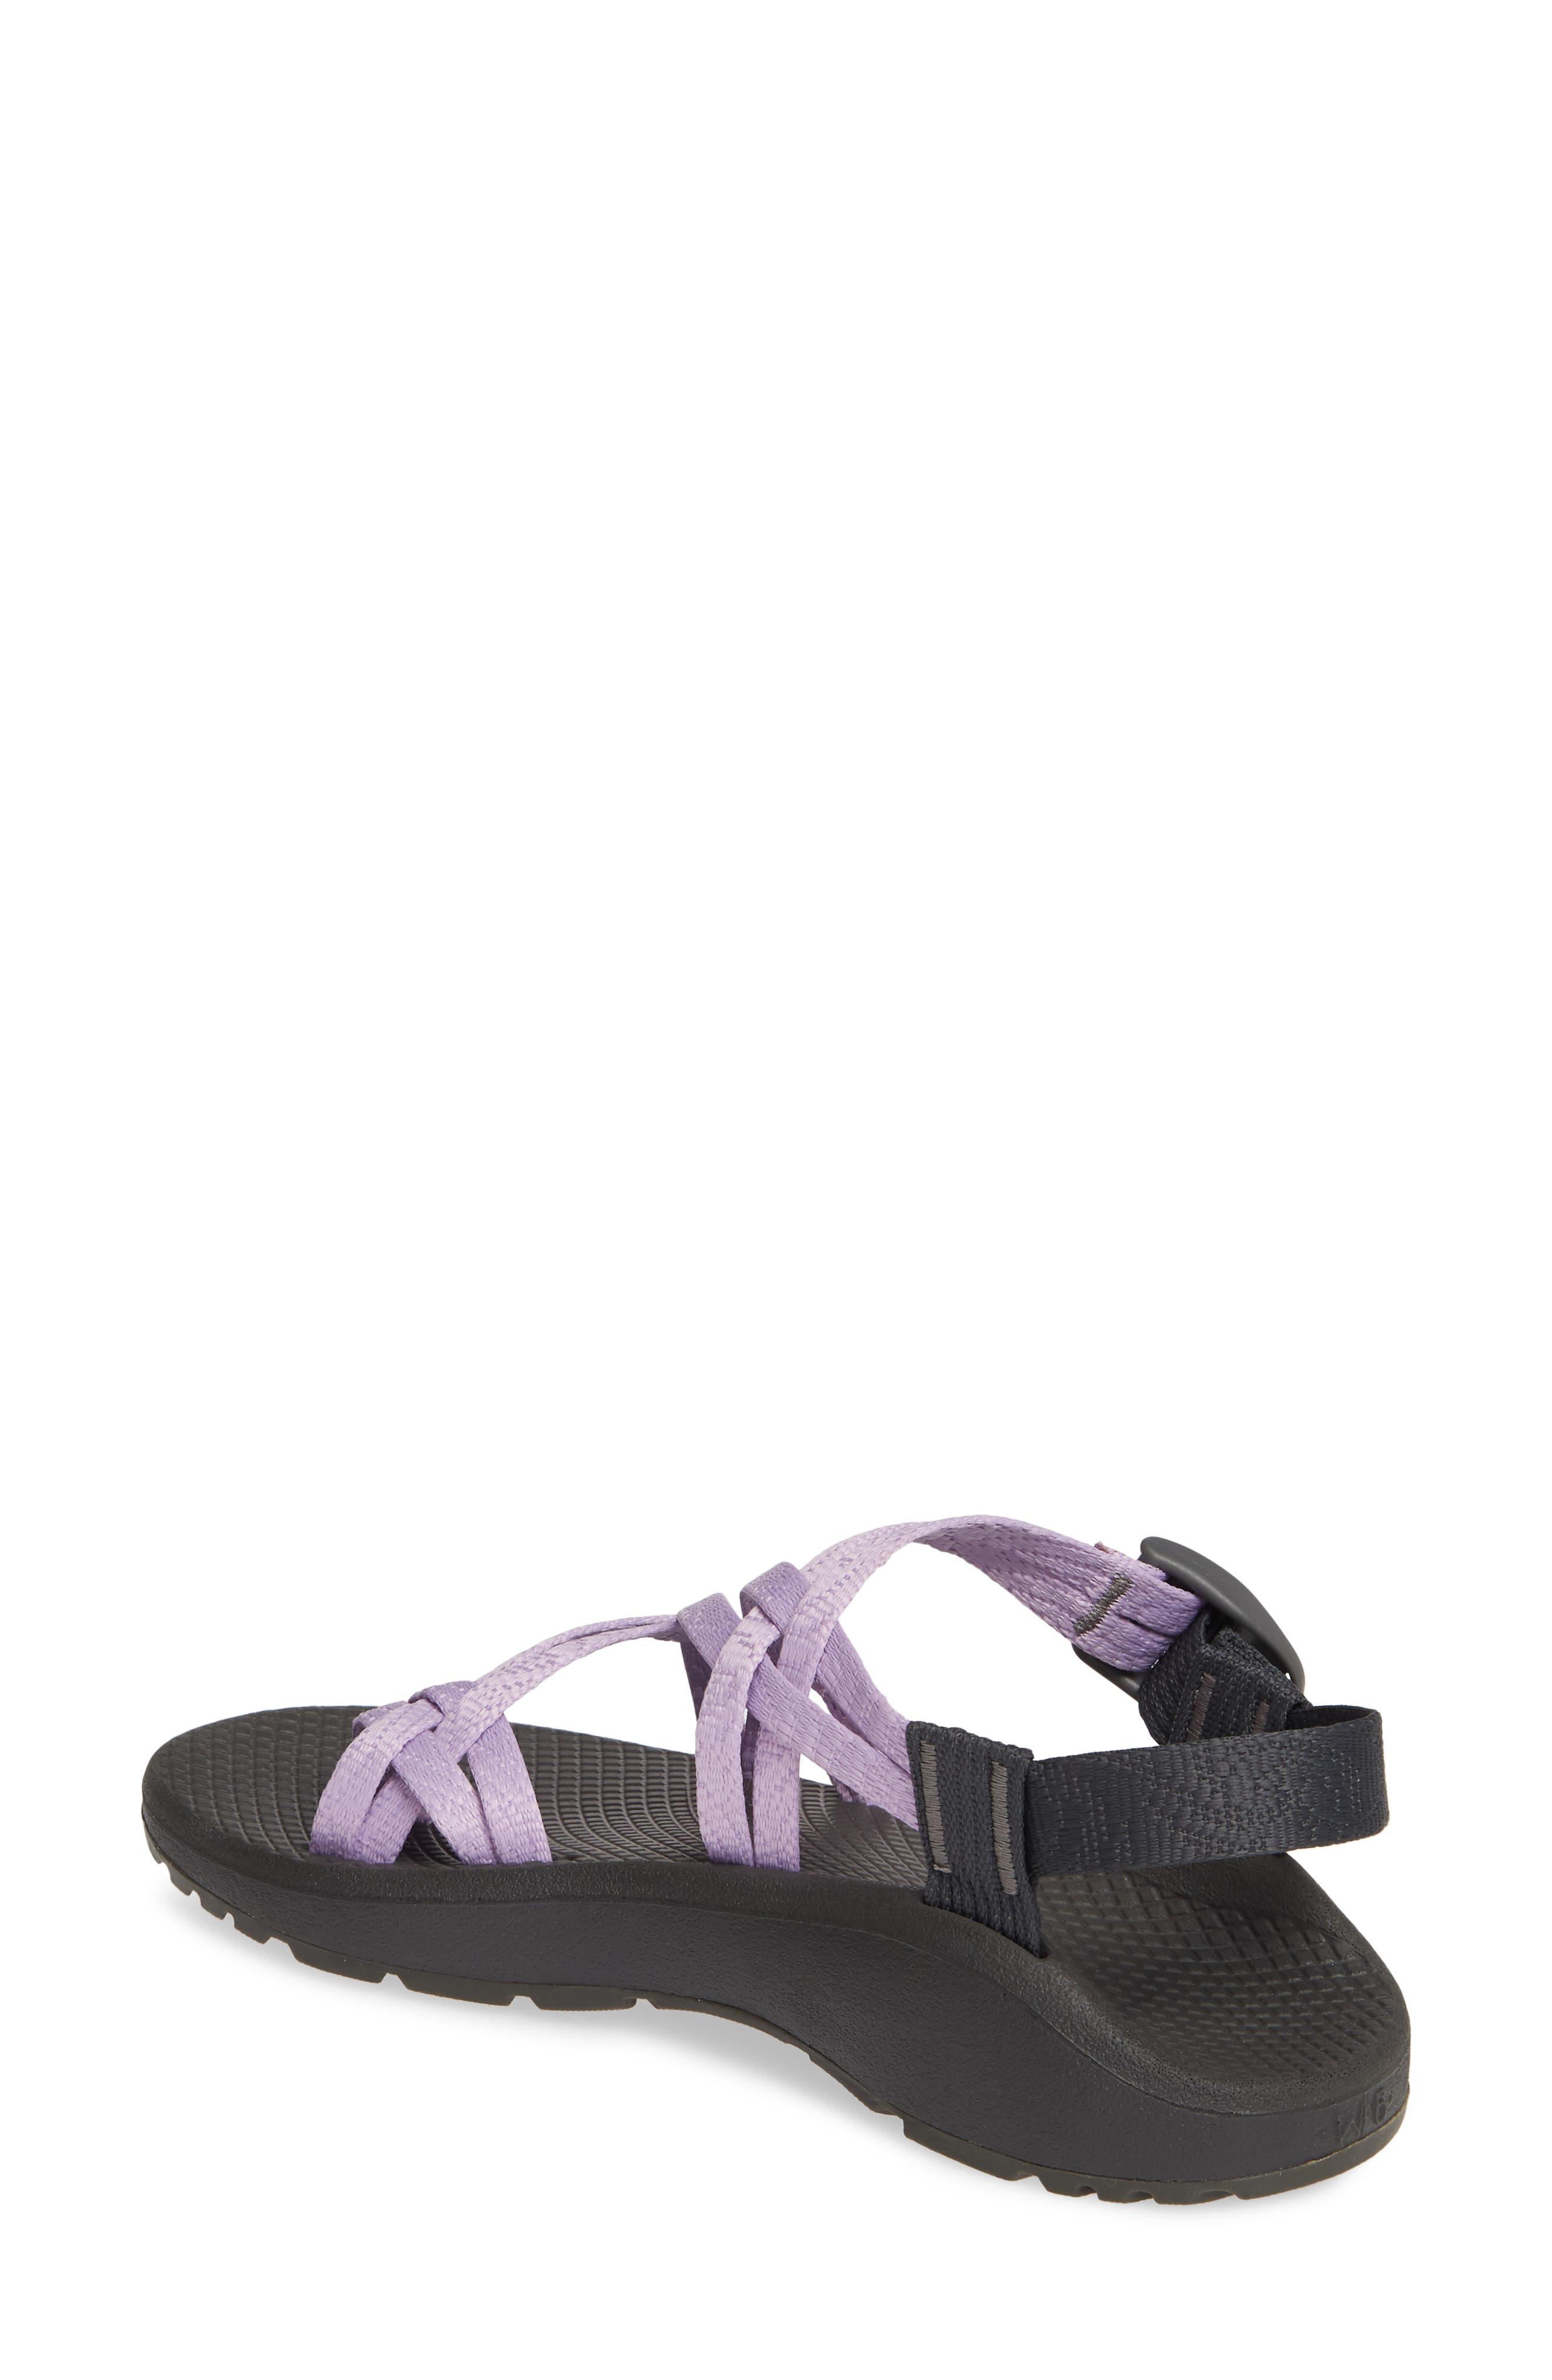 673074cd21b1 Women s Chaco Shoes